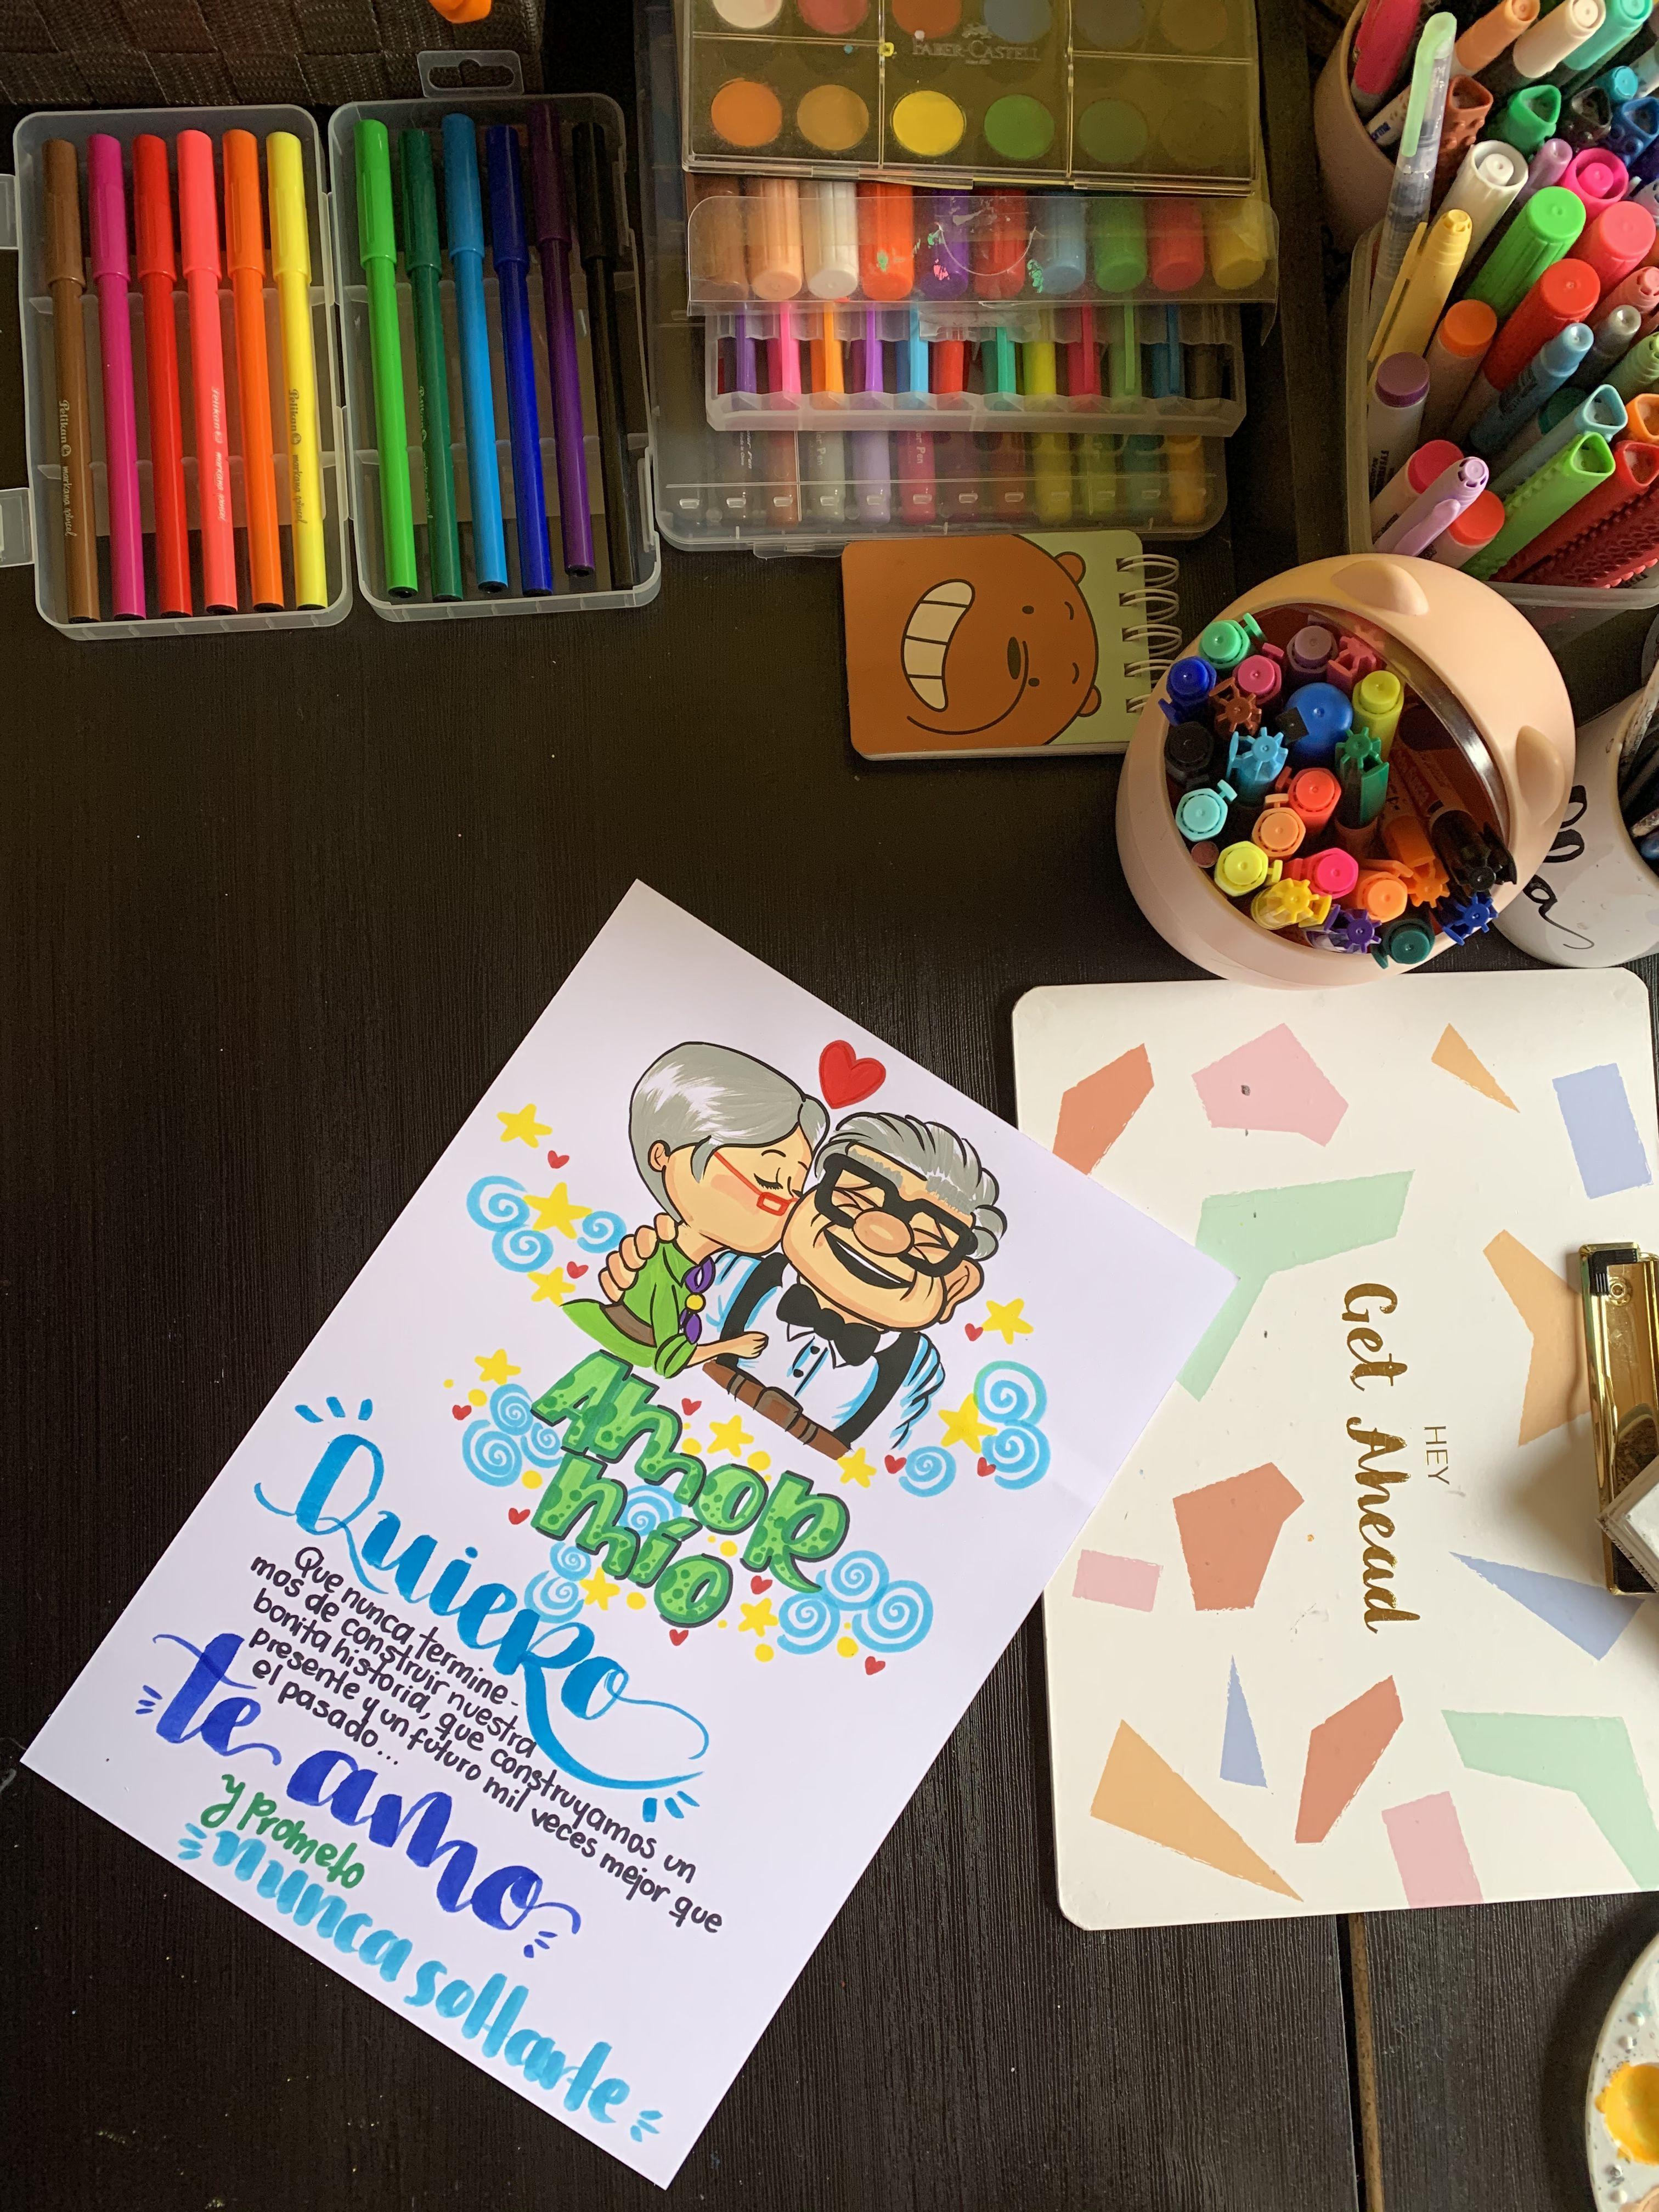 Tarjetas Personalizadas Detail Siemprecontigo Hacer Tarjetas De Cumpleaños Carta De Amor Manualidades Regalos De Cumpleaños Para Novio